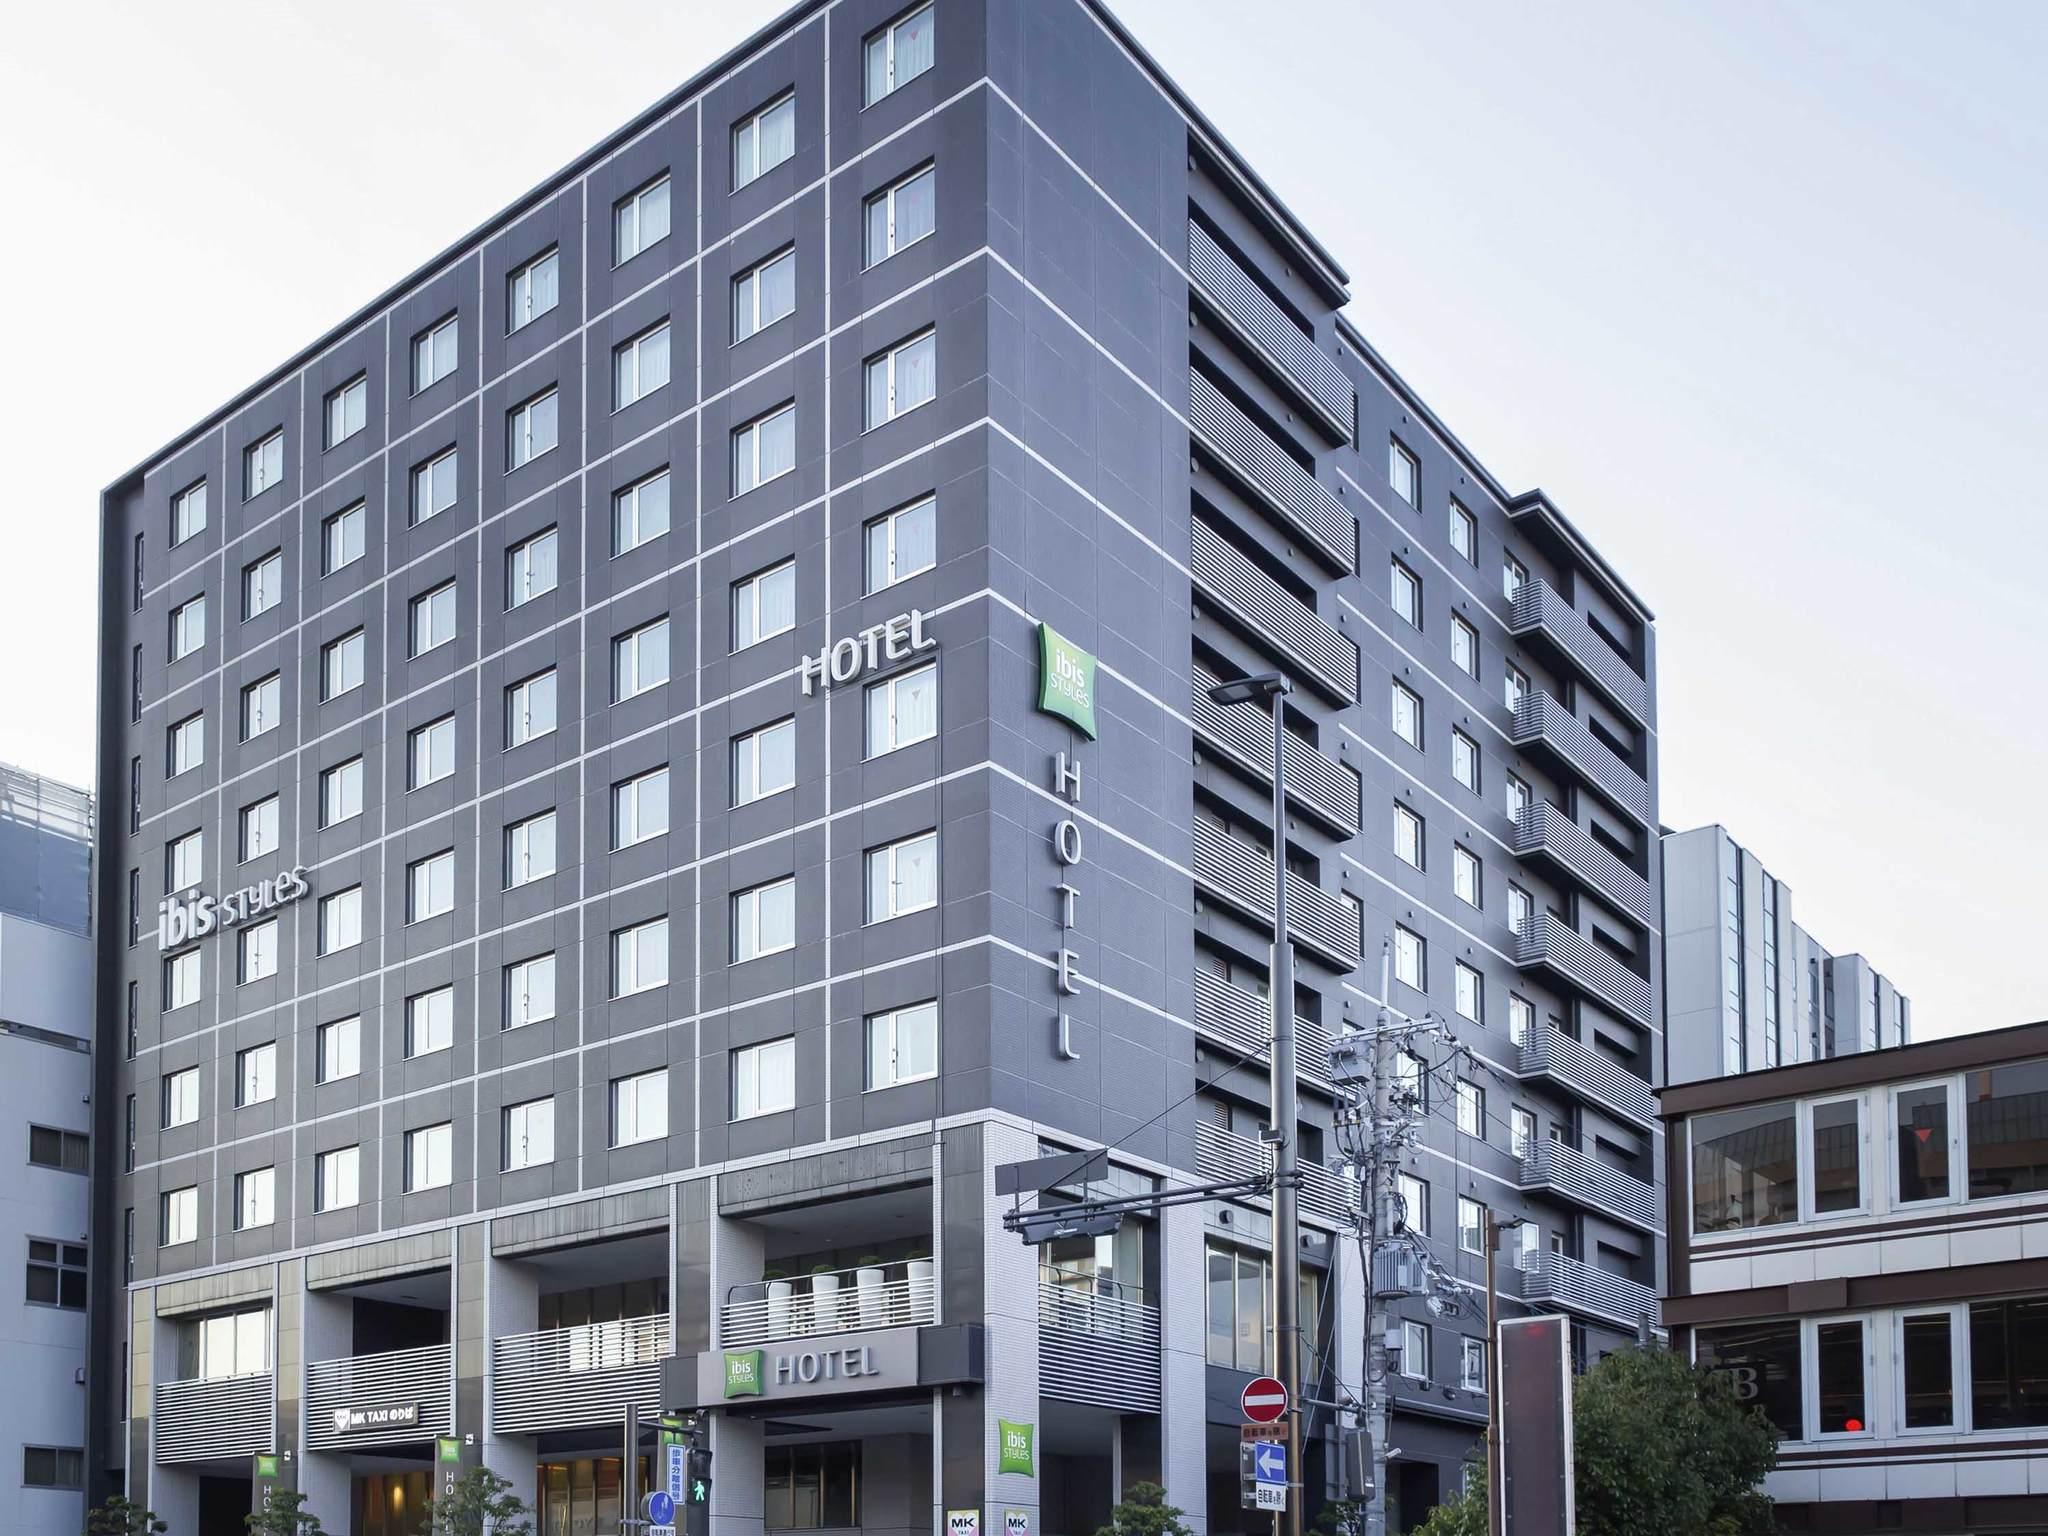 ホテル – イビス スタイルズ 京都 ステーション